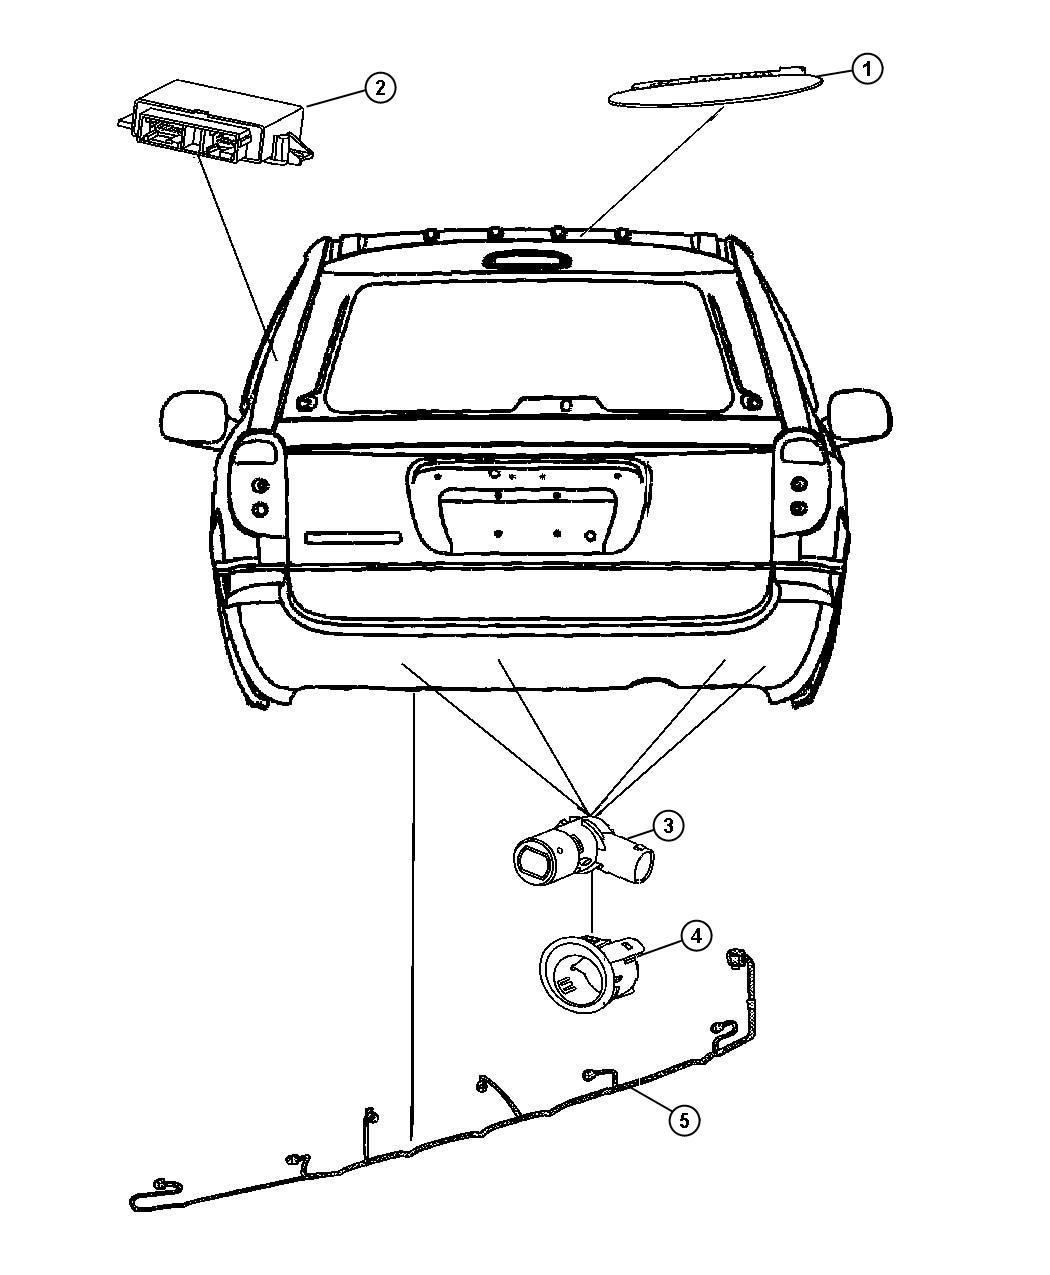 2007 Dodge Caravan Wiring  Rear Fascia  Park Assist Sensor